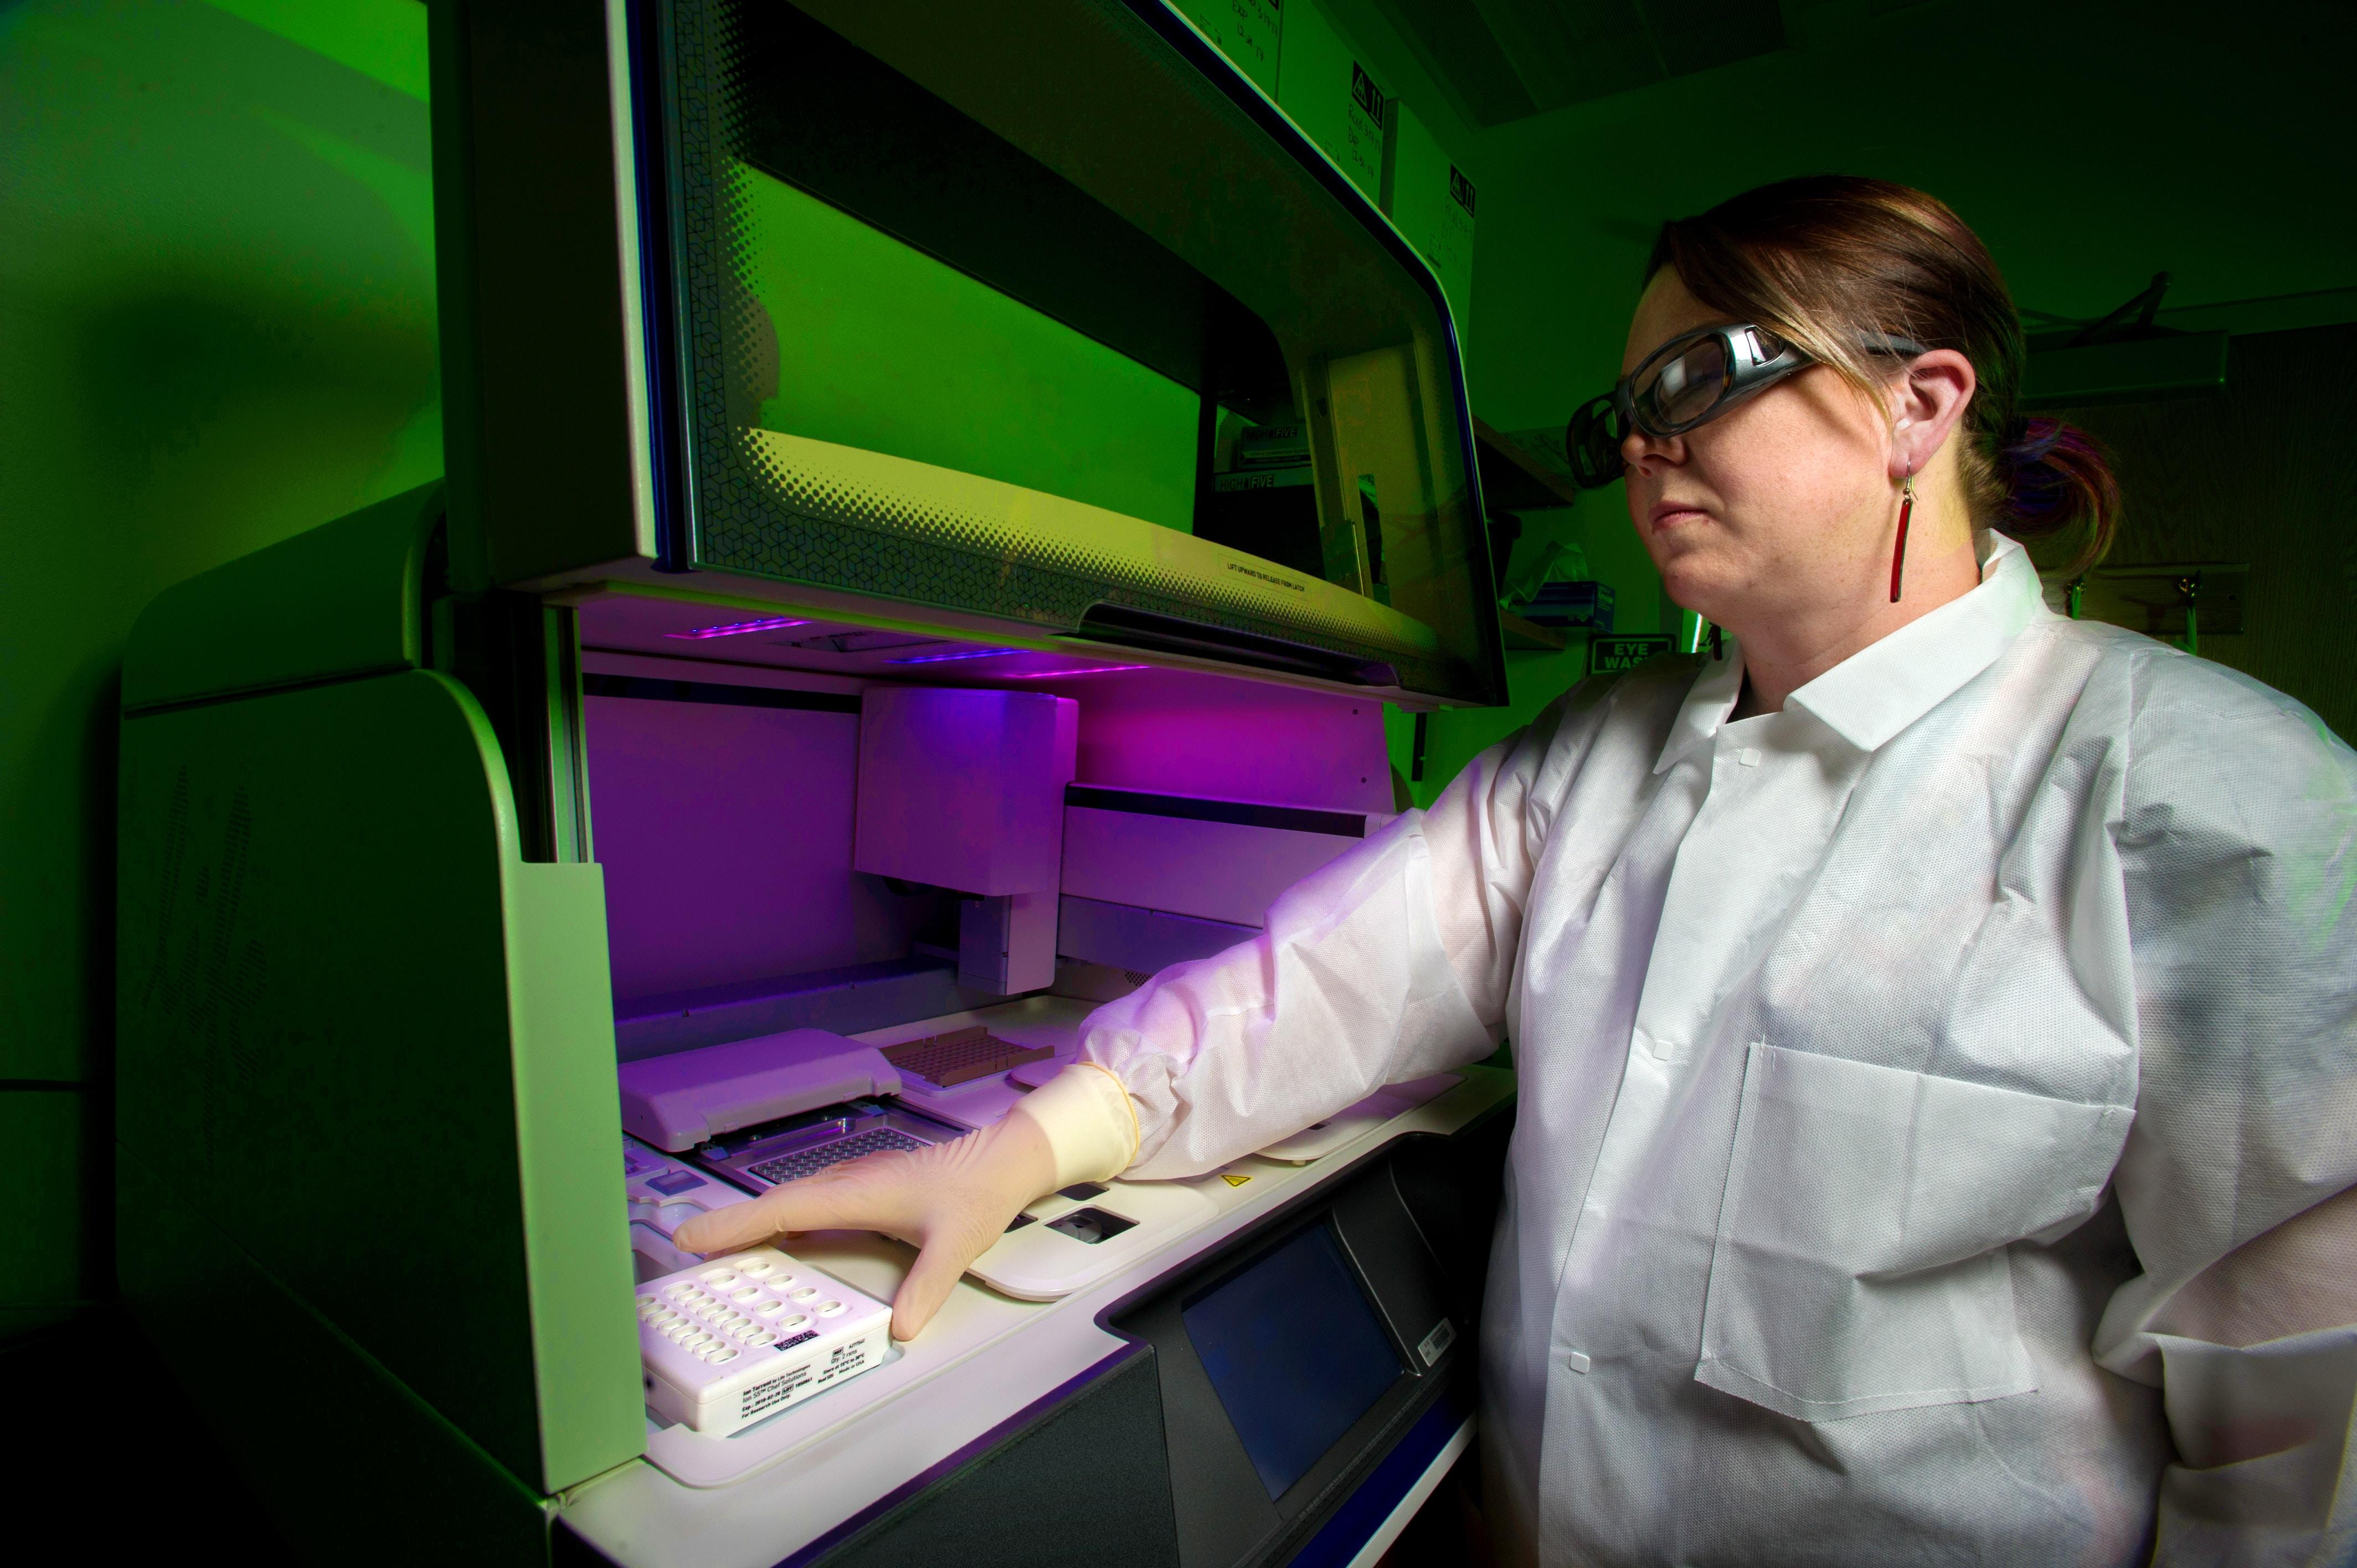 une scientifique en action